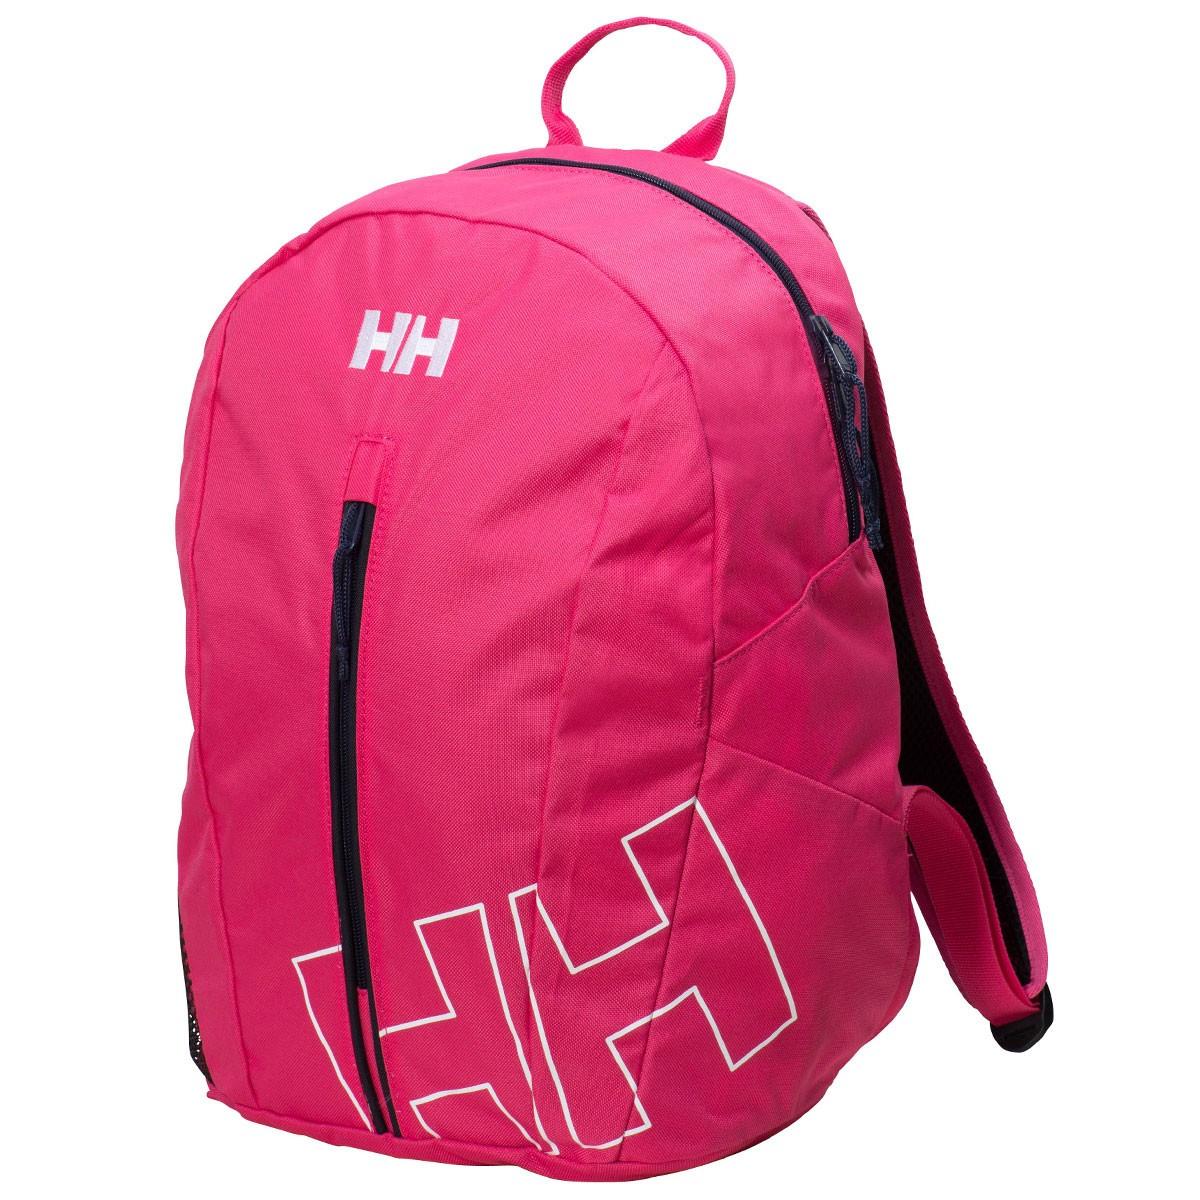 Helly Hansen 2016 Aden Backpack 2.0 20L Rucksack - Accessories - Chill e3108d9c47d93